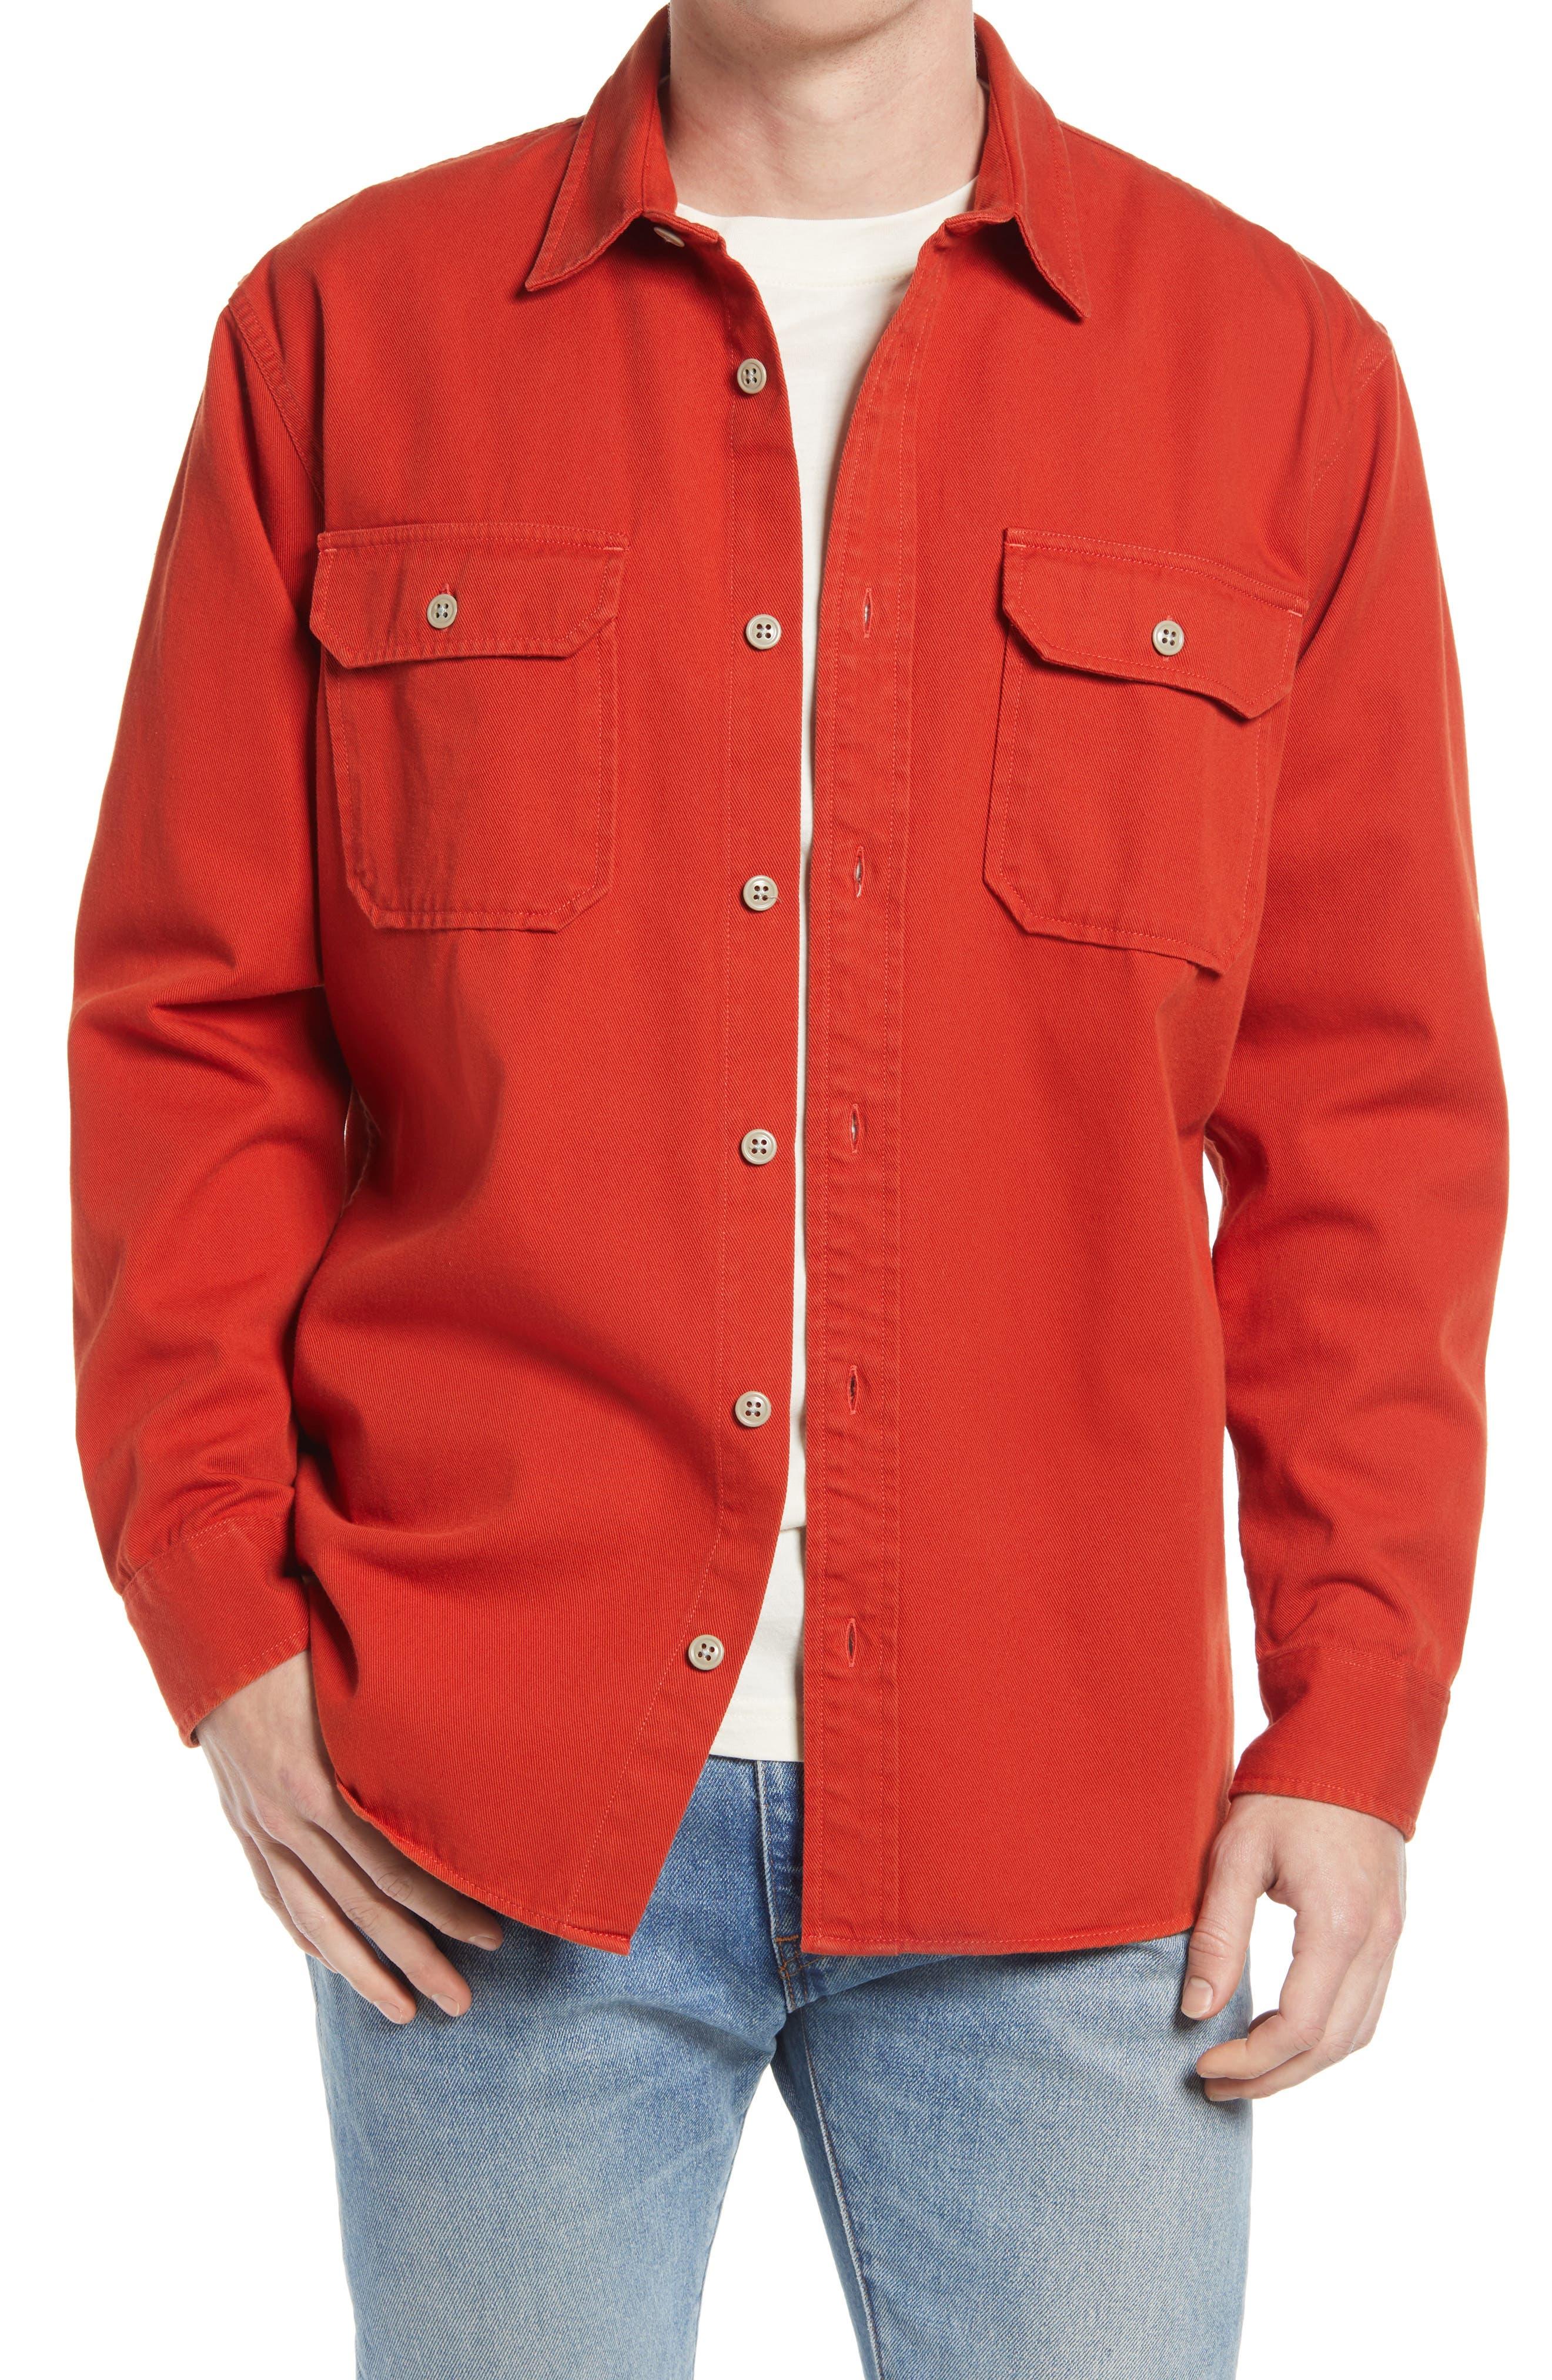 Twill Button-Up Shirt